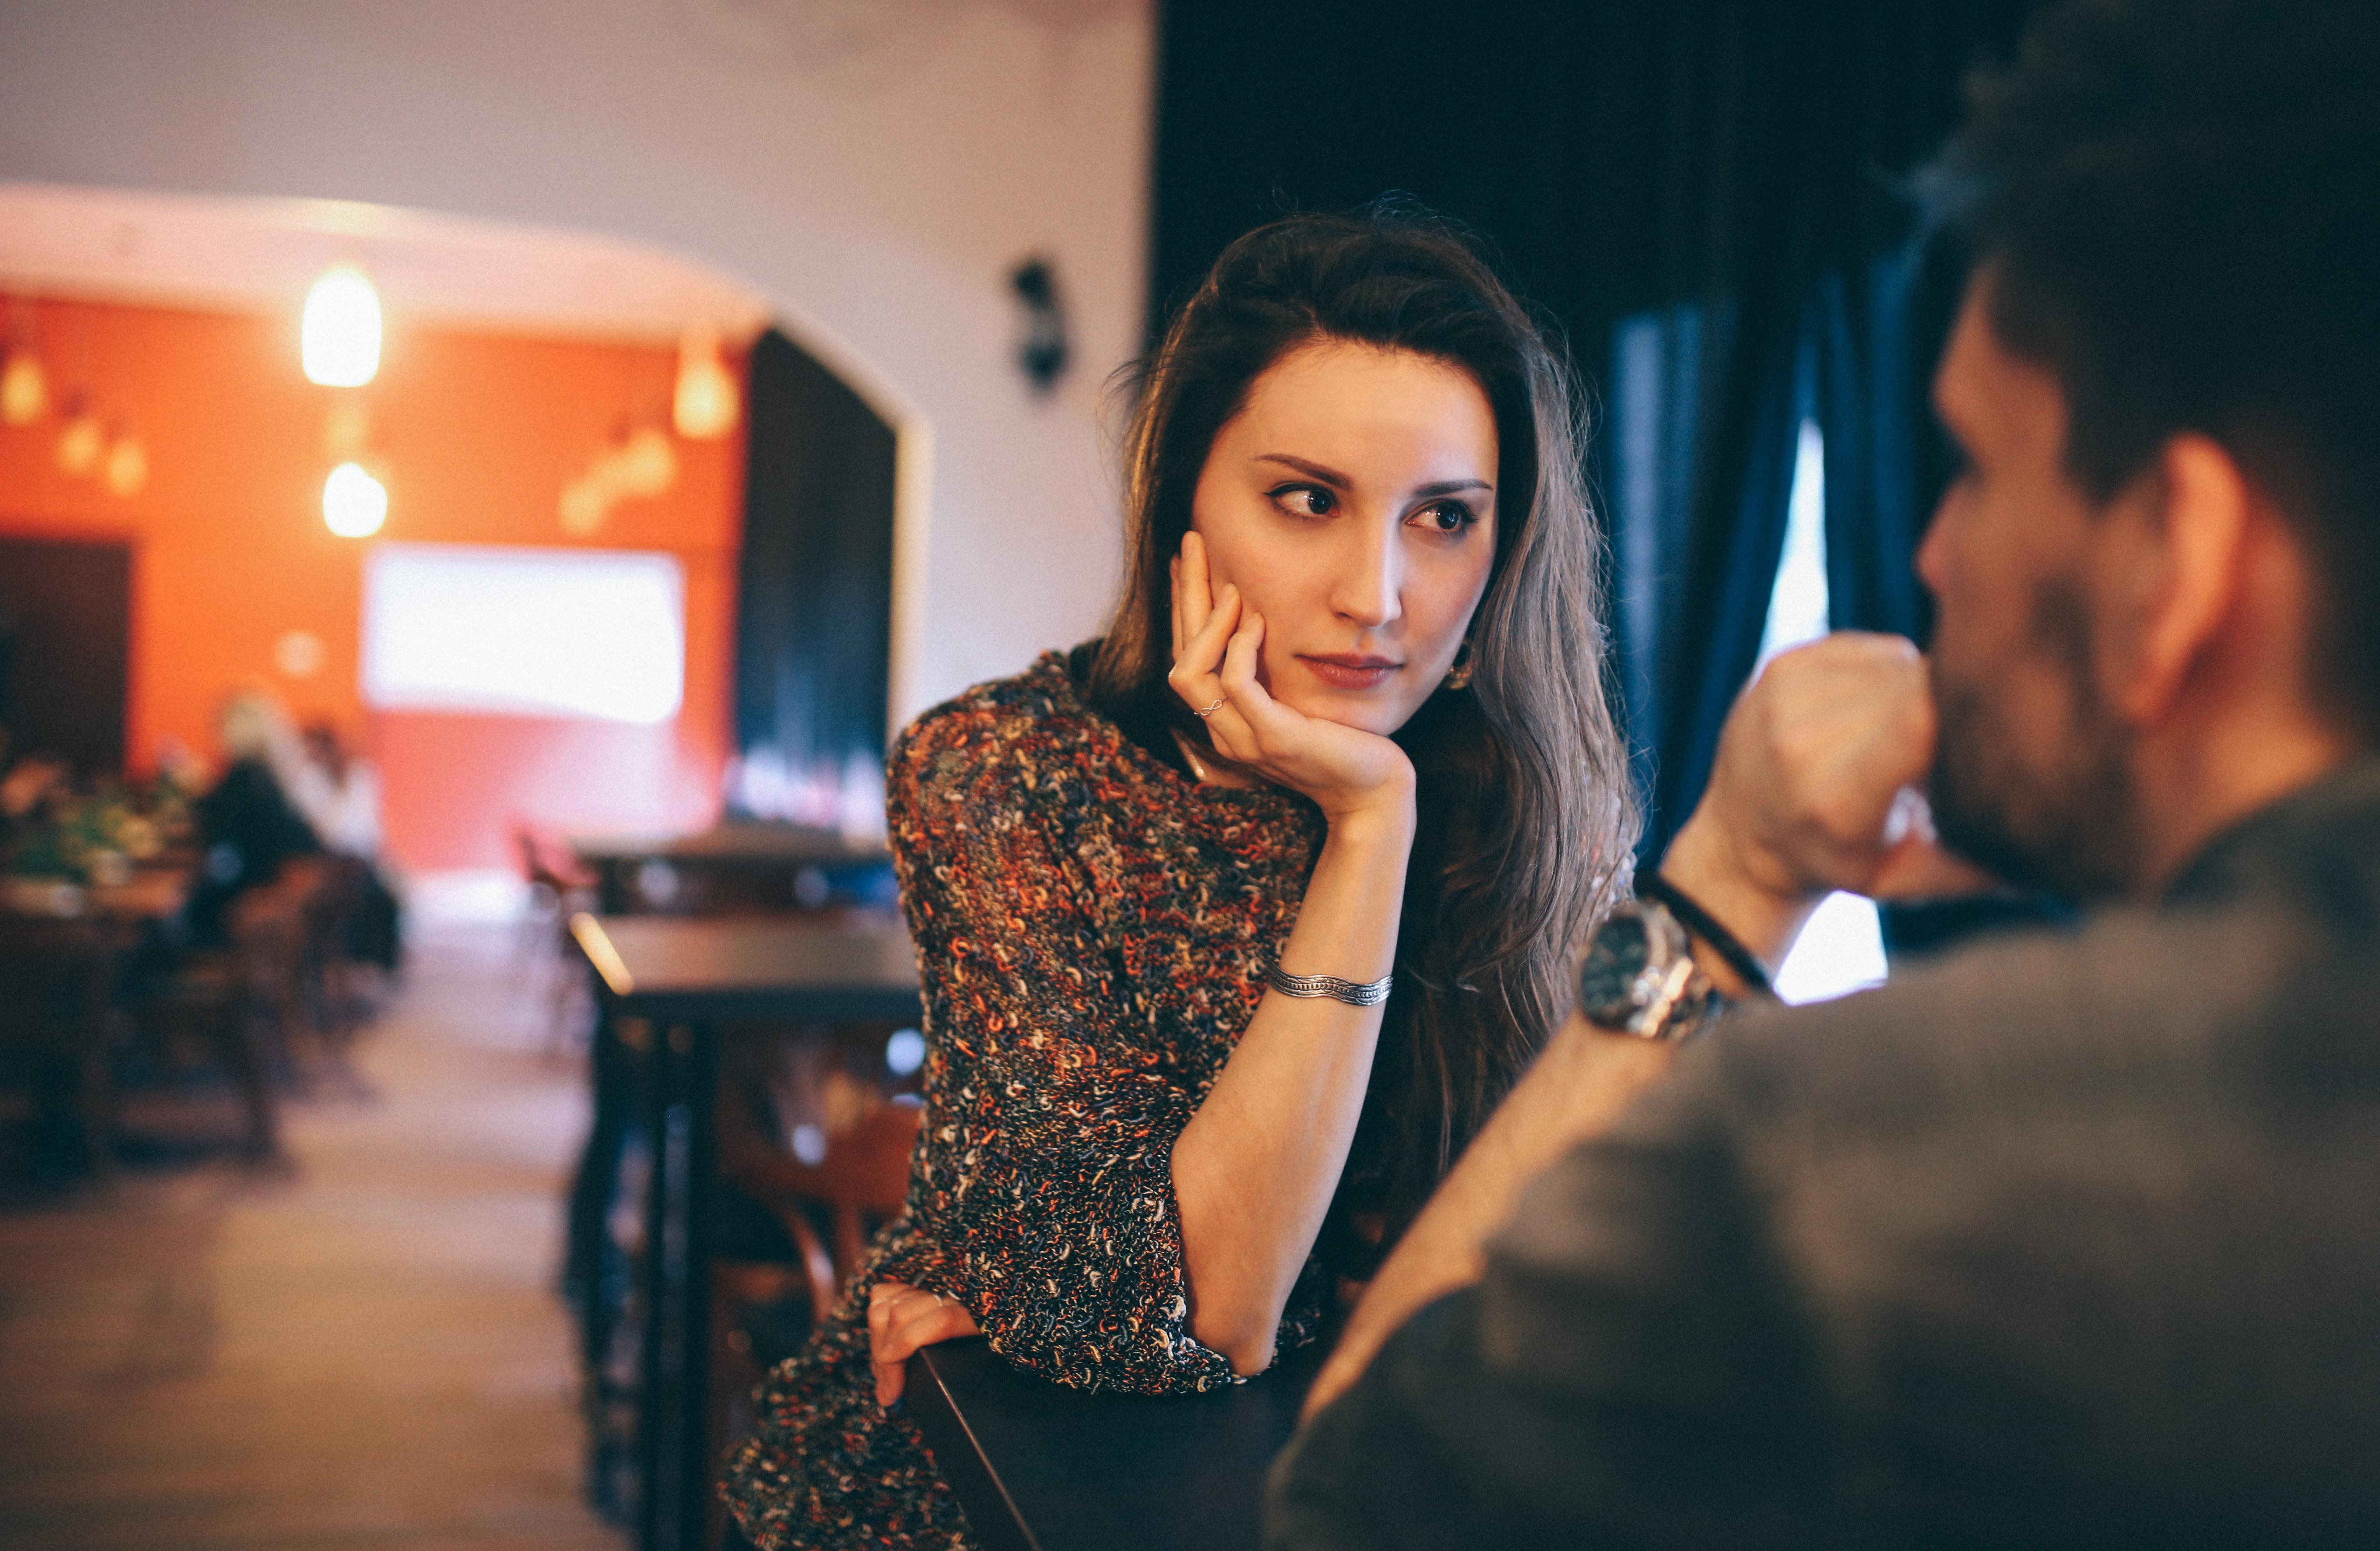 Czy nieudana randka musi być normą?